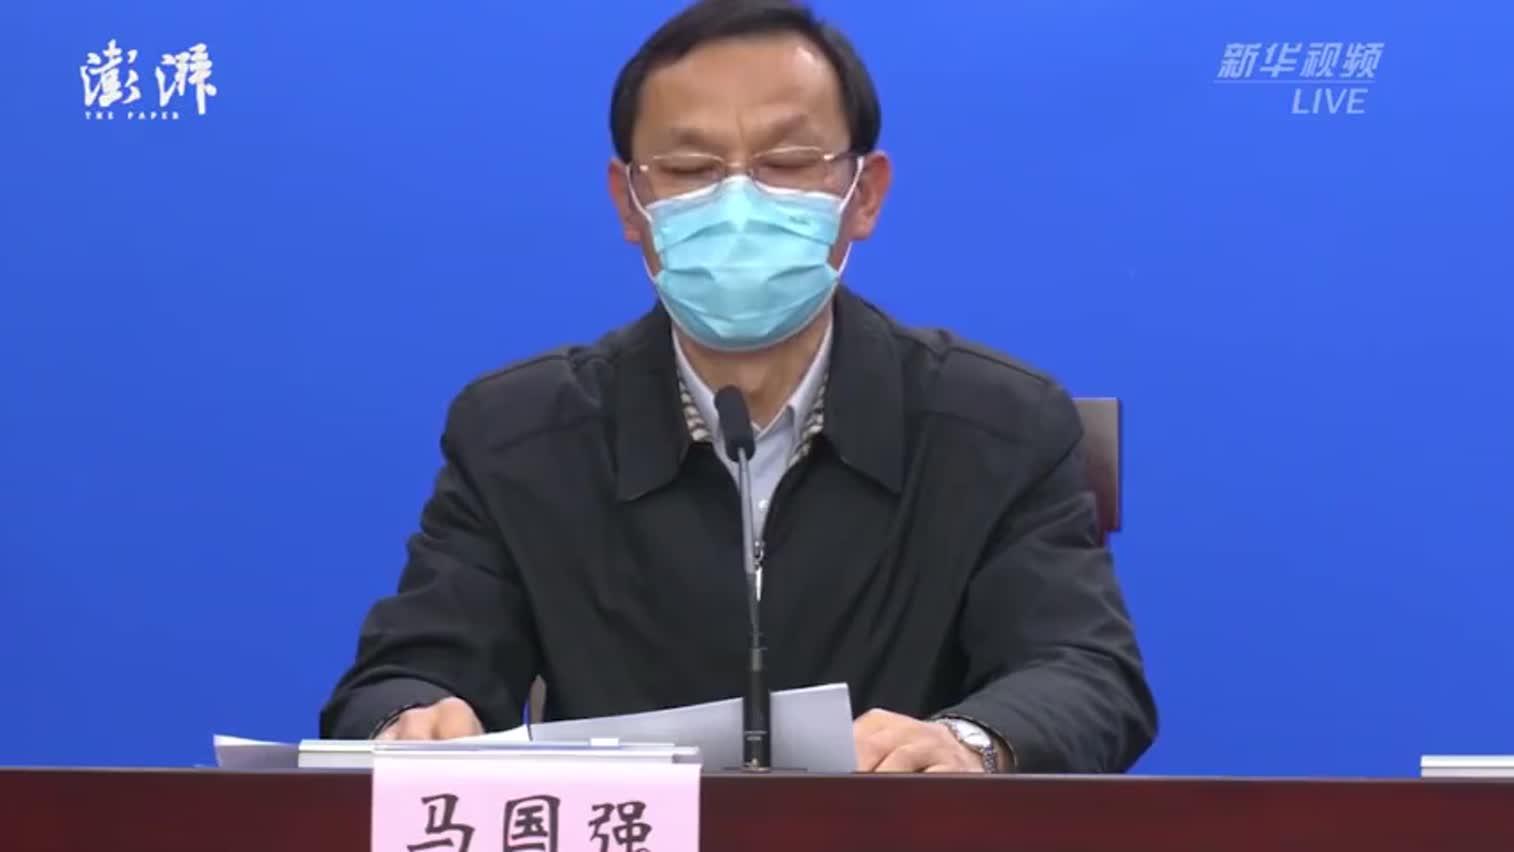 视频|武汉市委书记回应省外人员如何返回武汉:政府